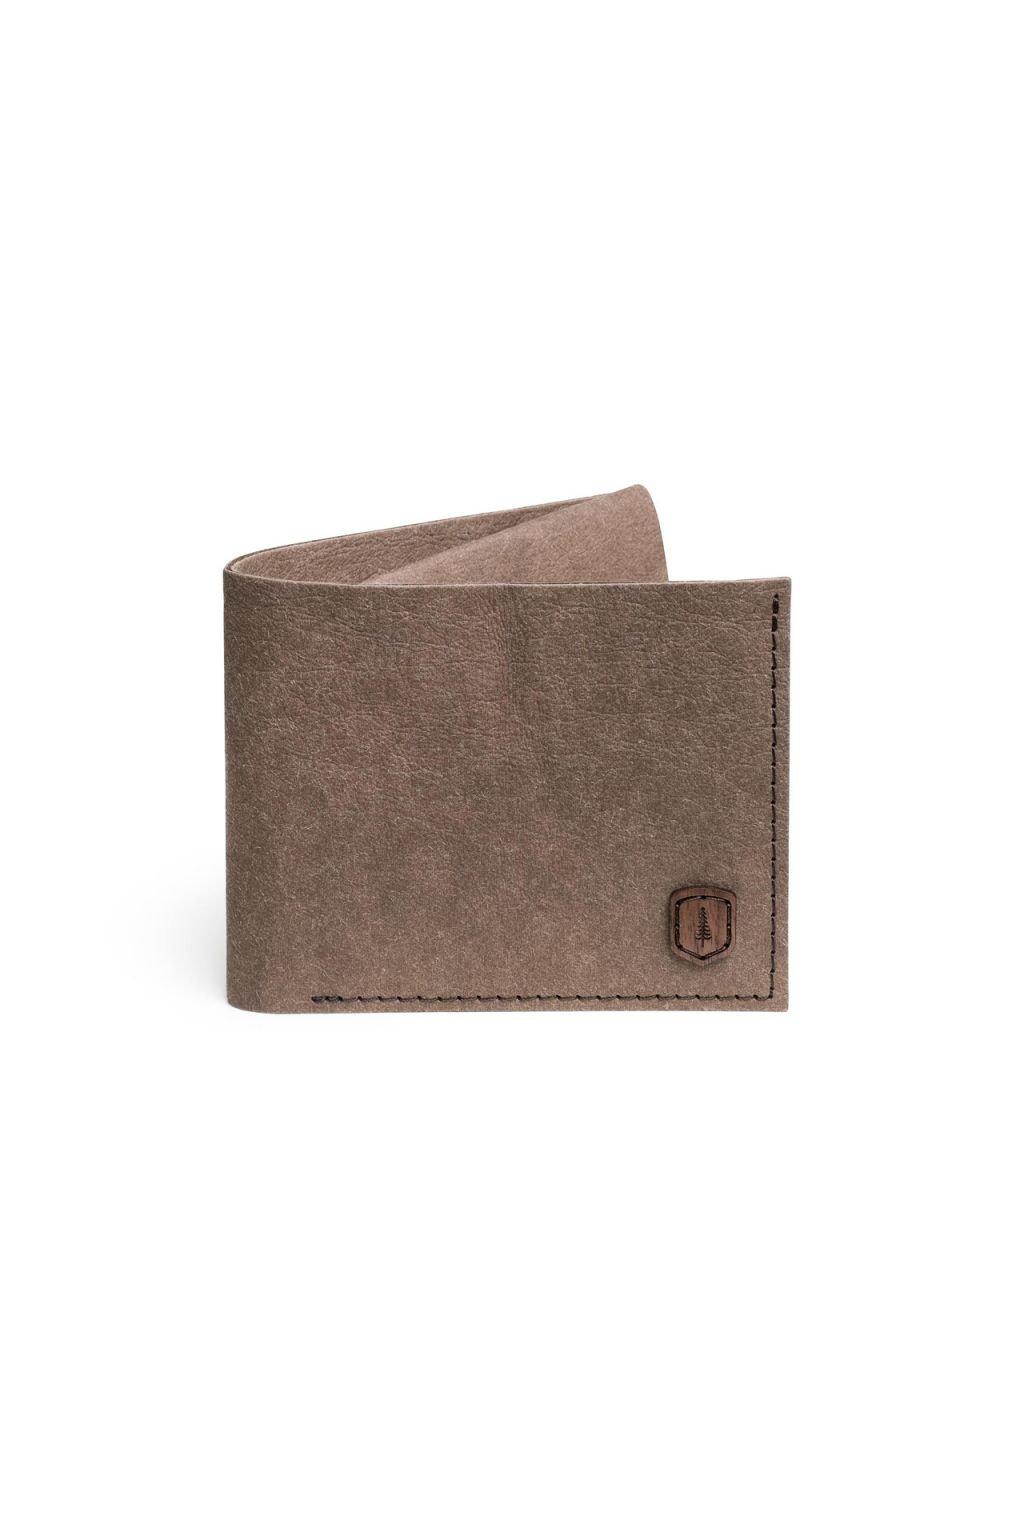 0 brunn washpaper wallet